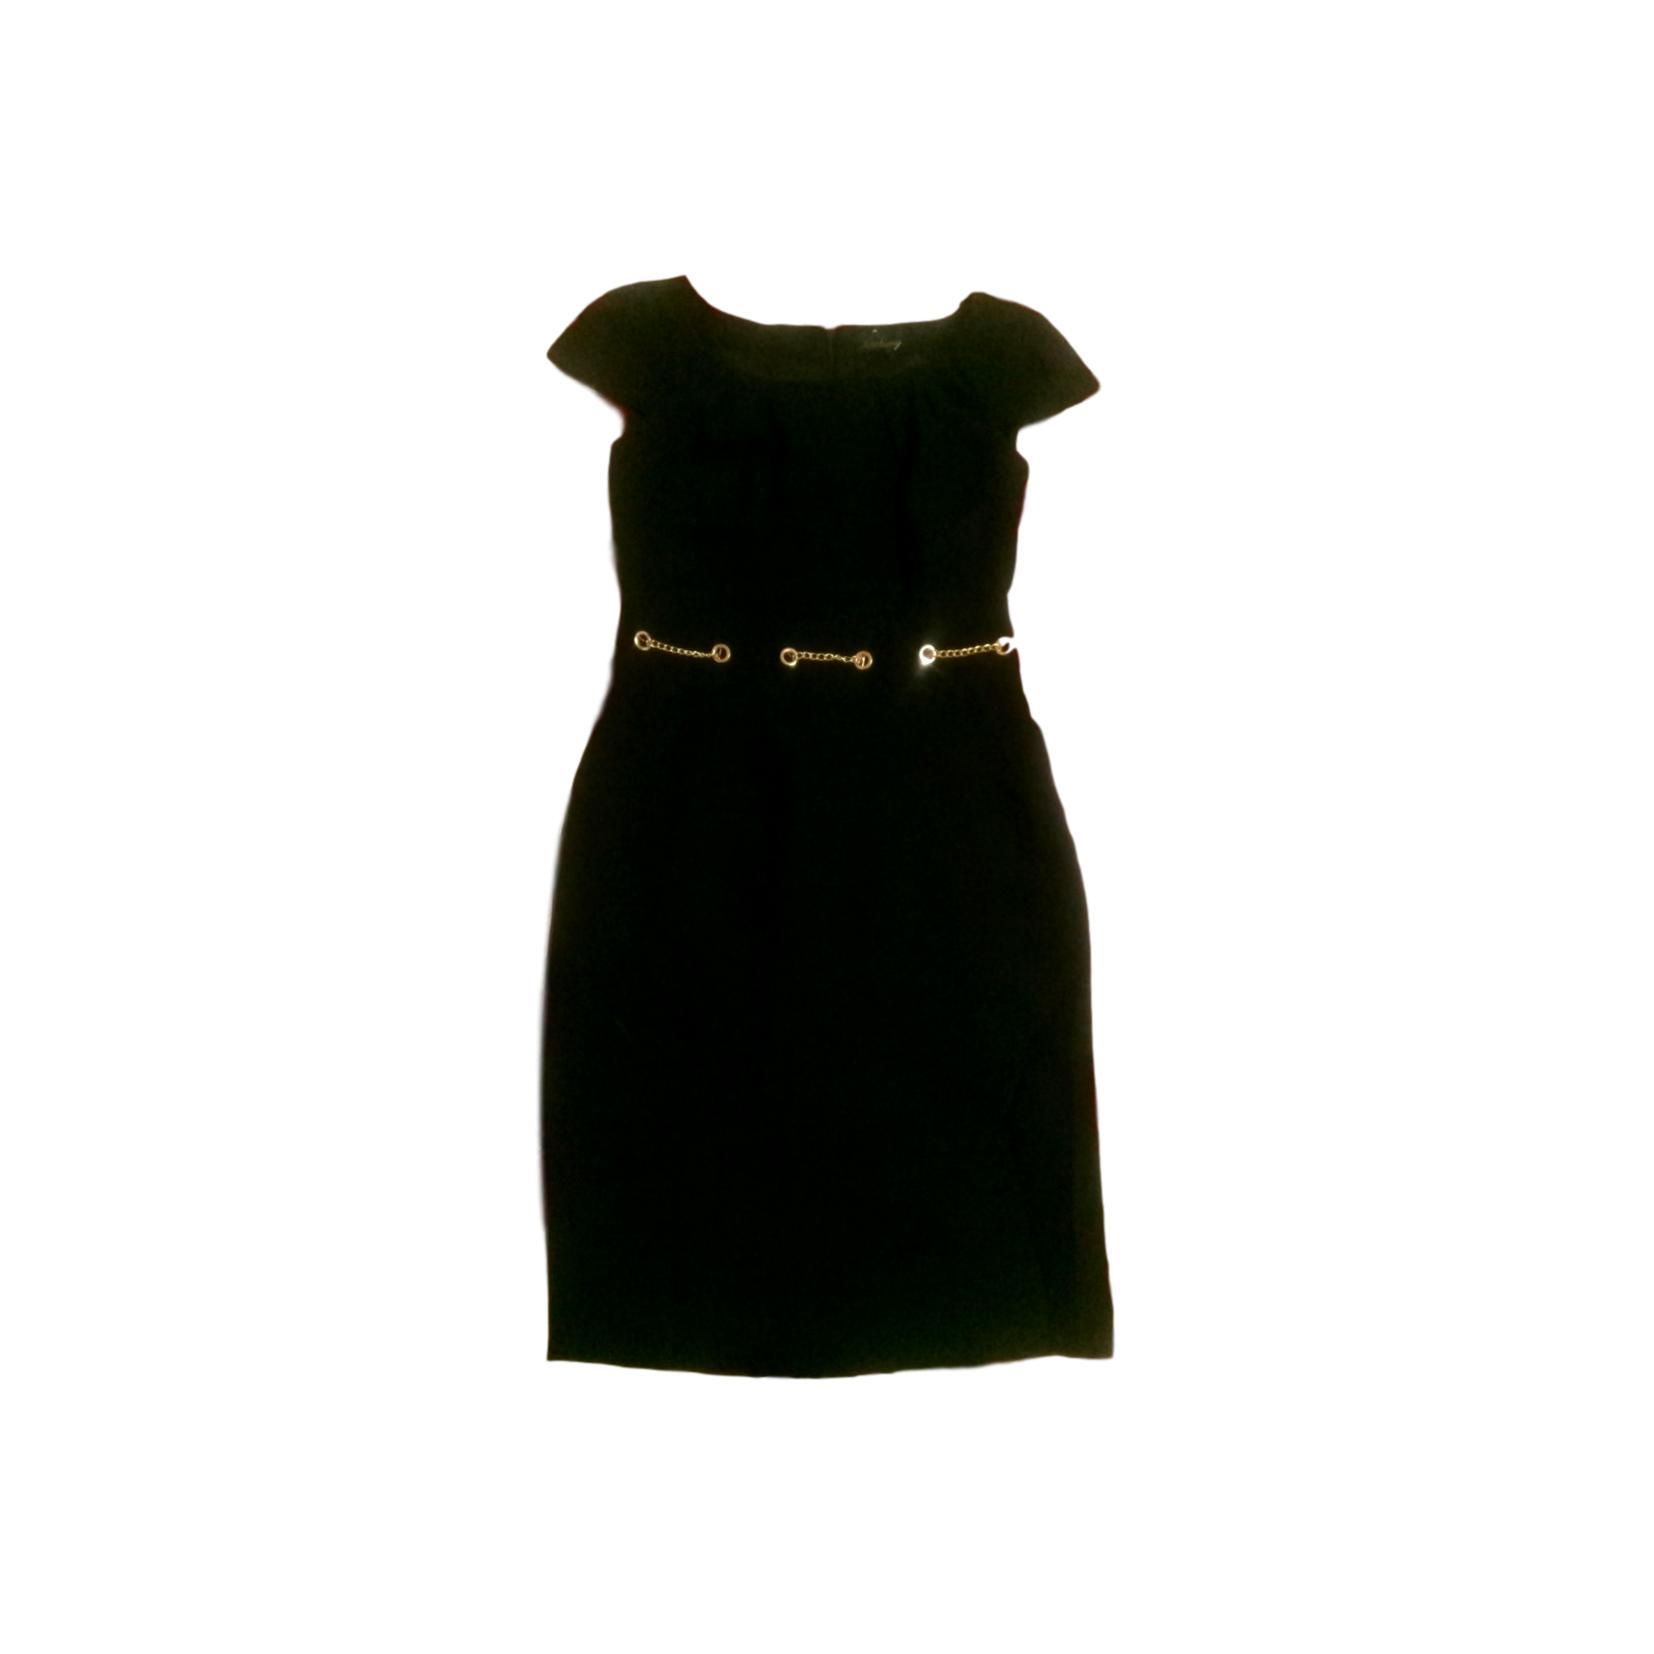 2afc3aae1eb Купить платье Luisa Spagnoli за 2700 руб. в интернет магазине ...